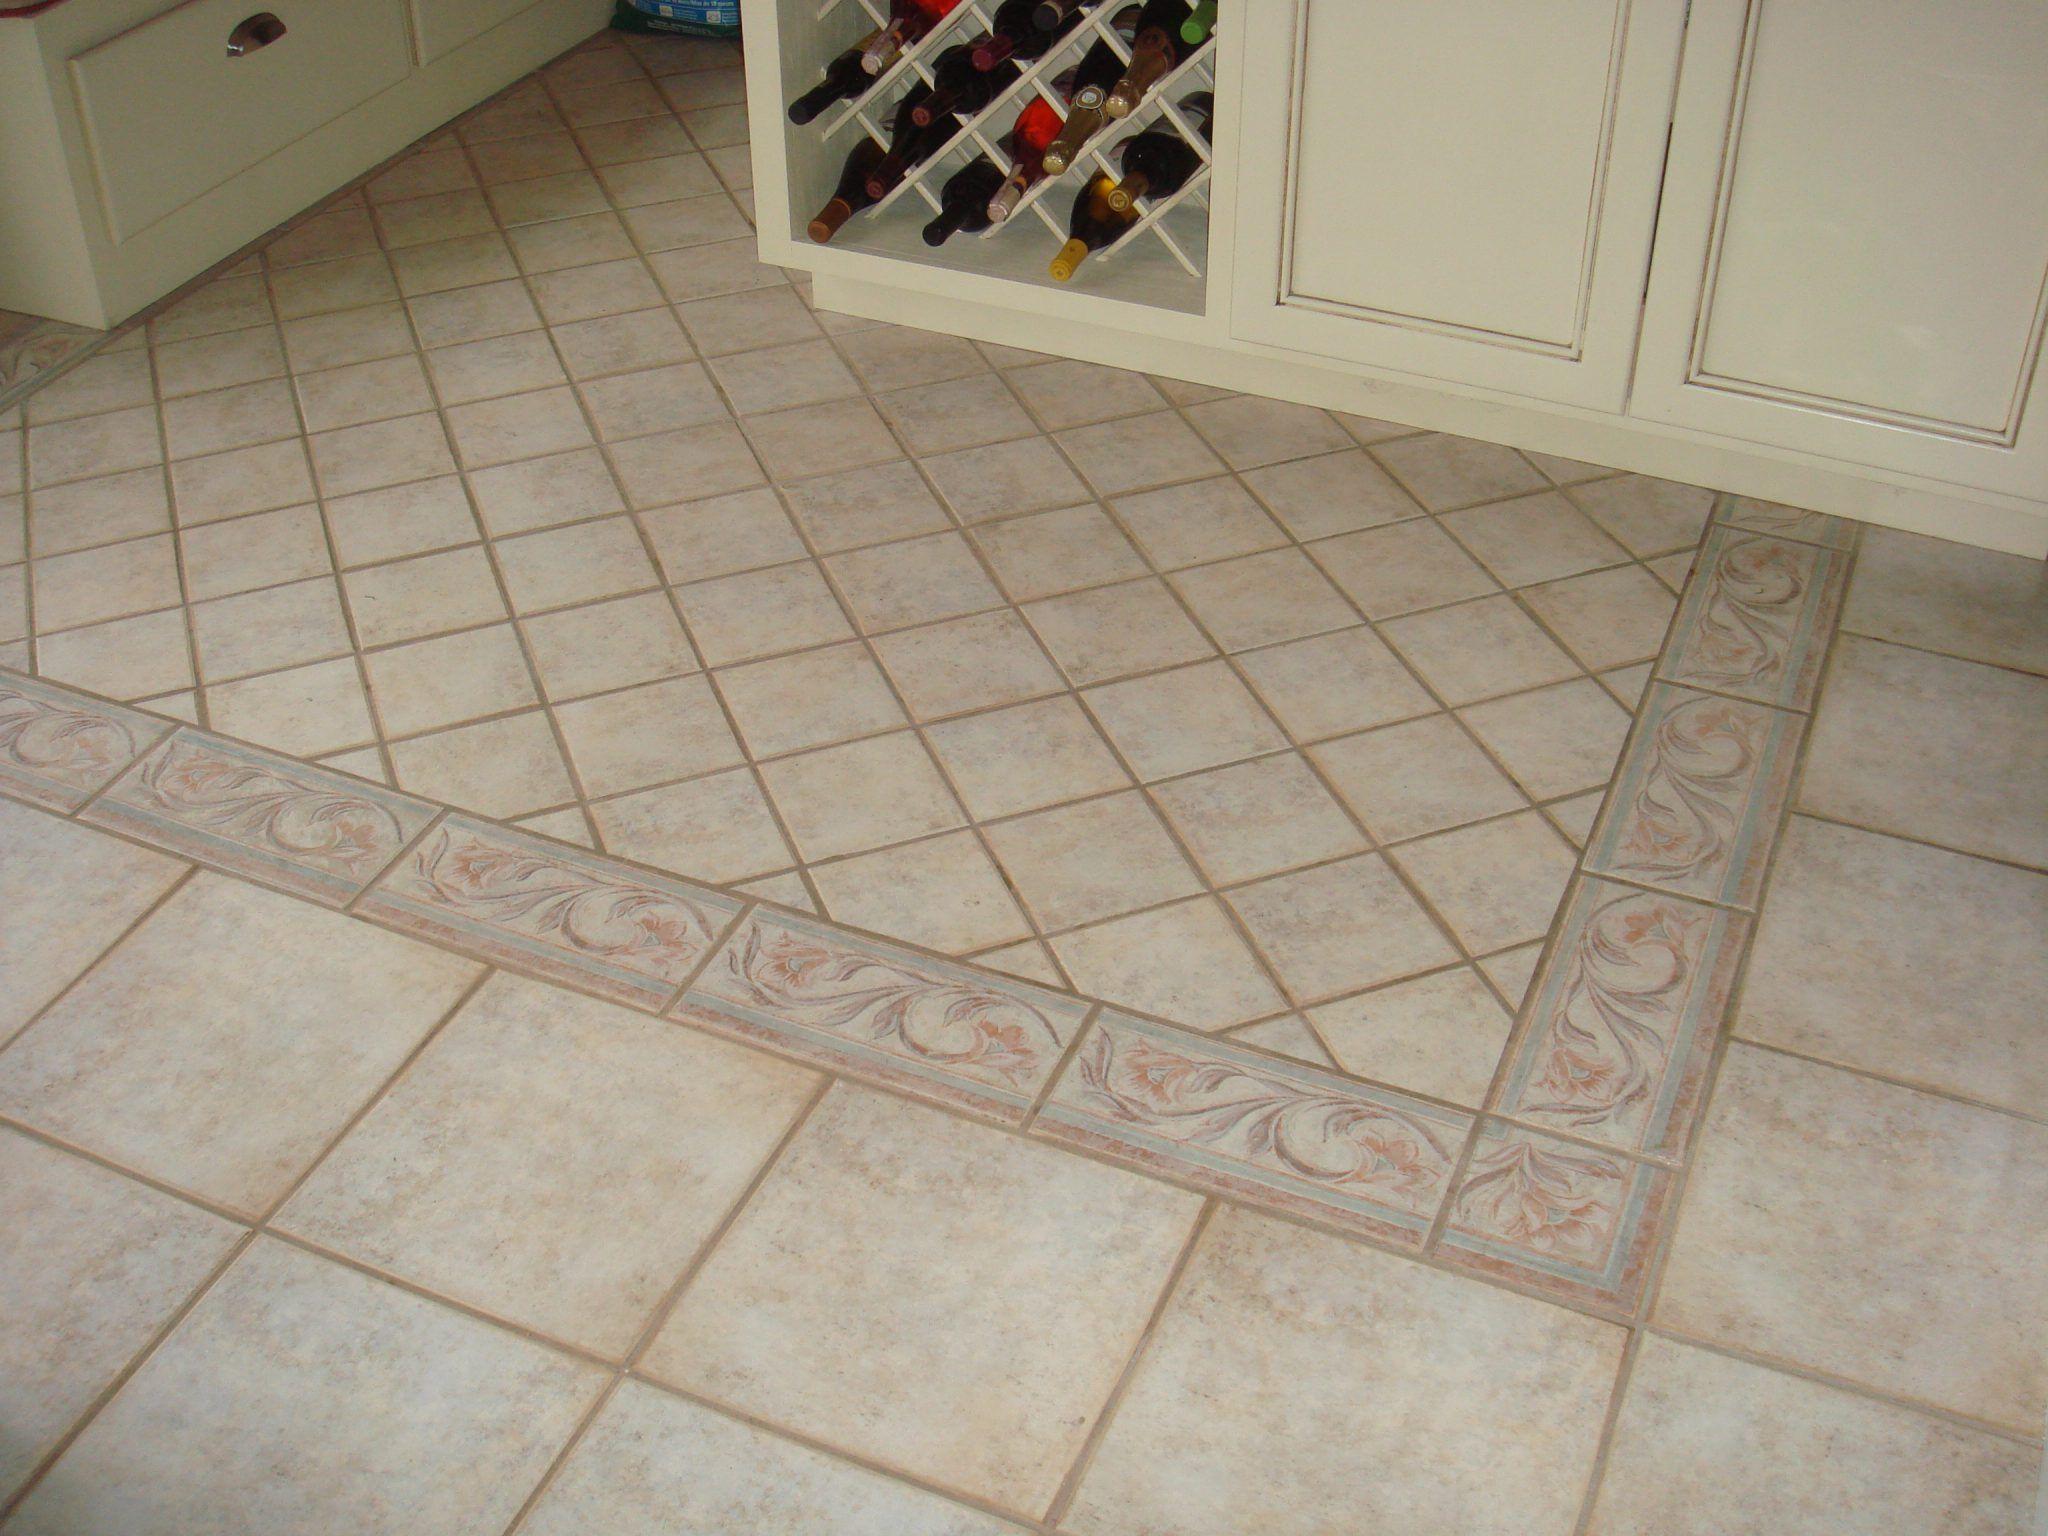 Erstaunliche Fliesen Boden Muster Fur Ihr Zimmer Home Dekoration Ideas Bodenfliesen Bodenbelag Fur Badezimmer Keramik Fliesen Boden